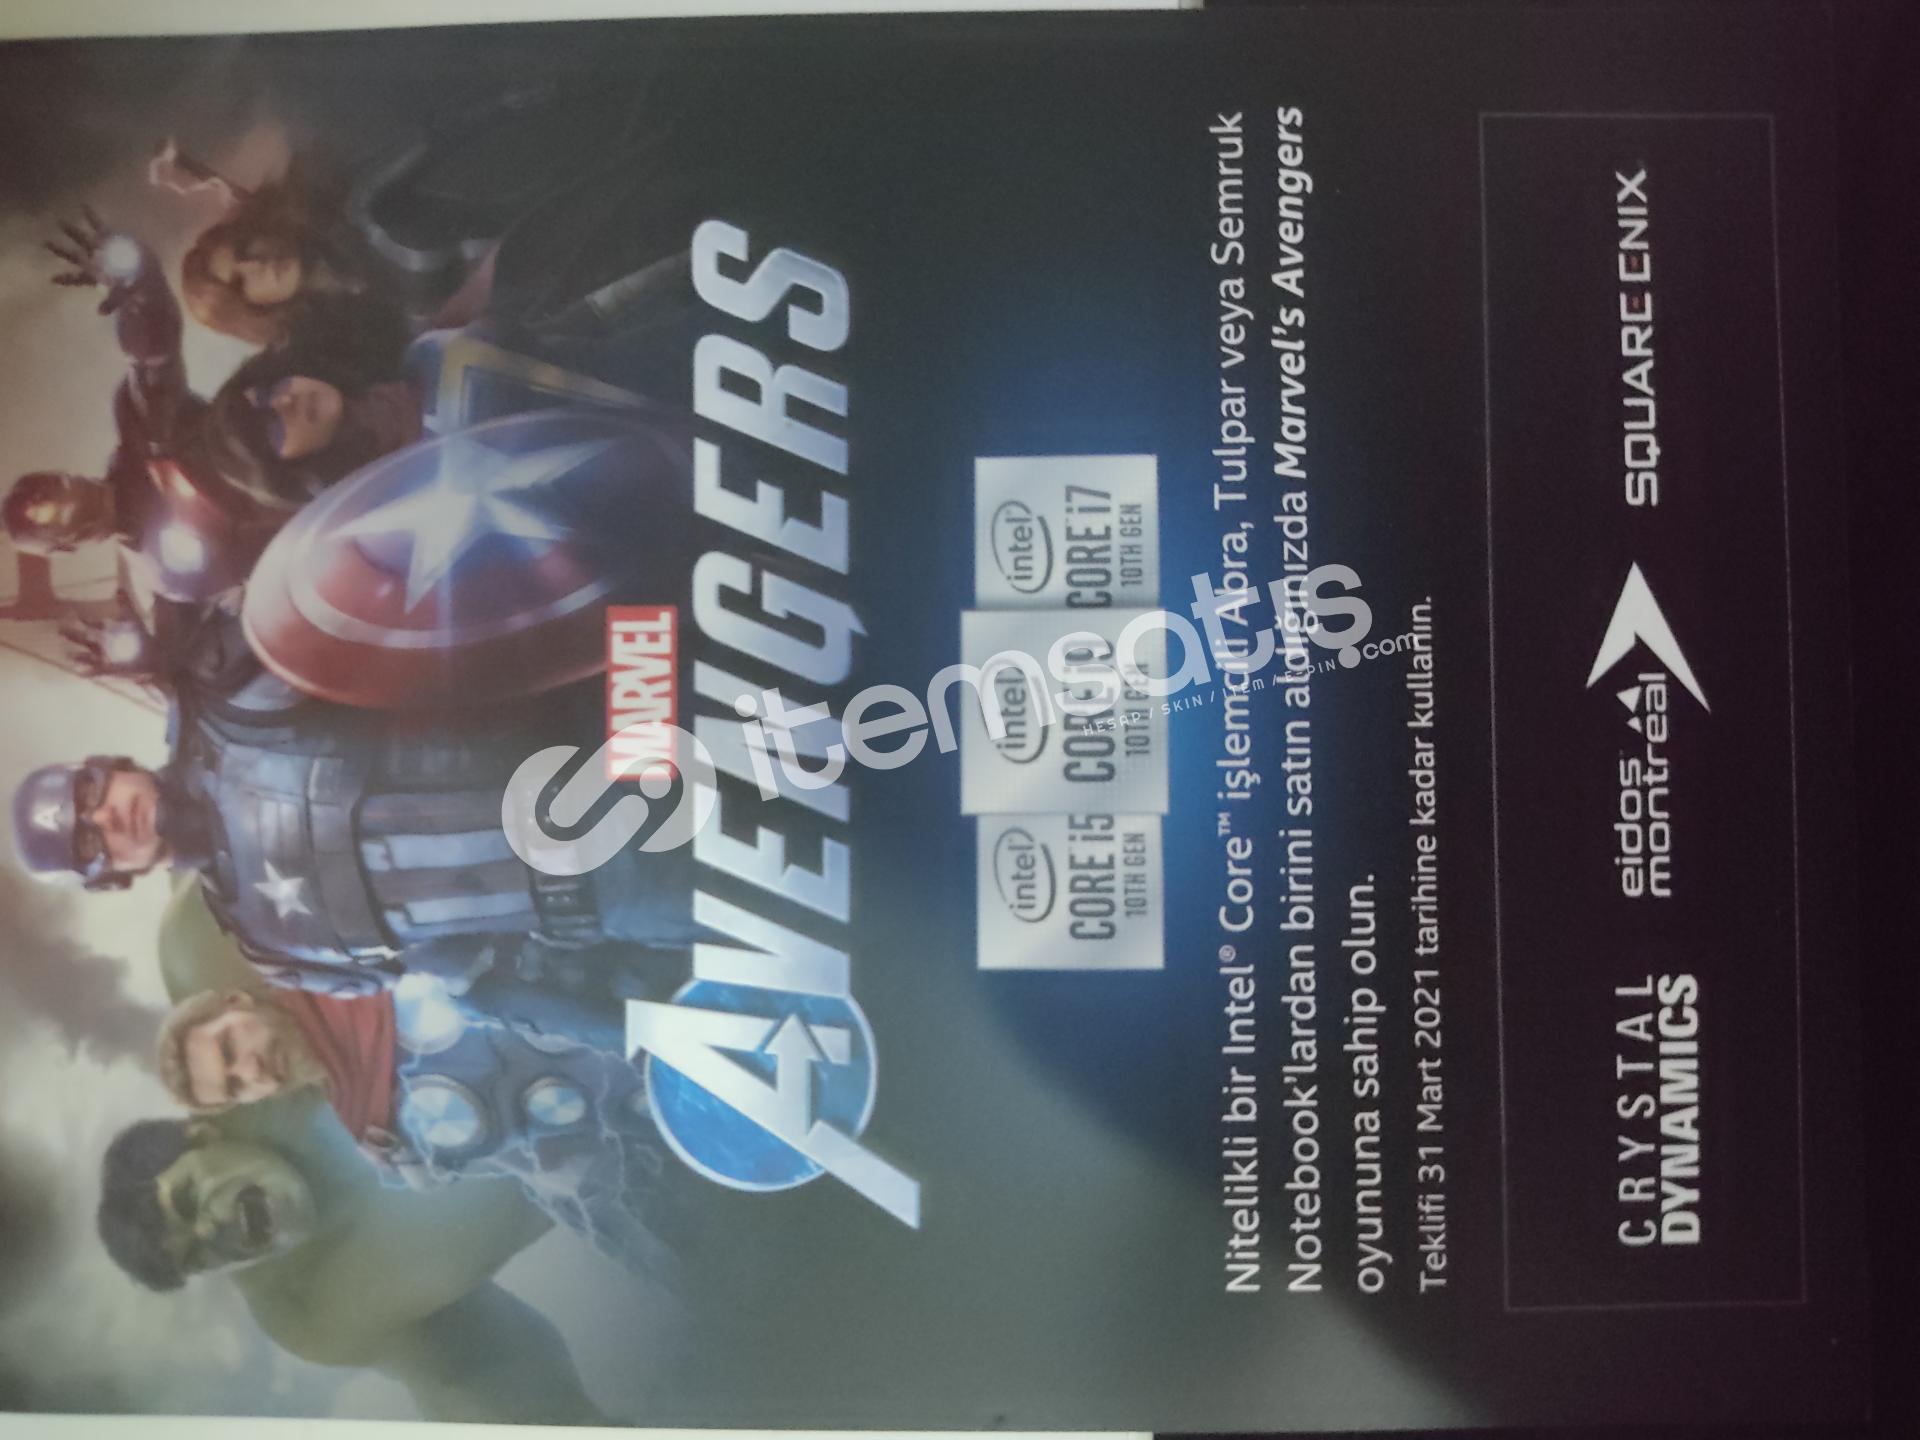 Marvel Avenger CD Key